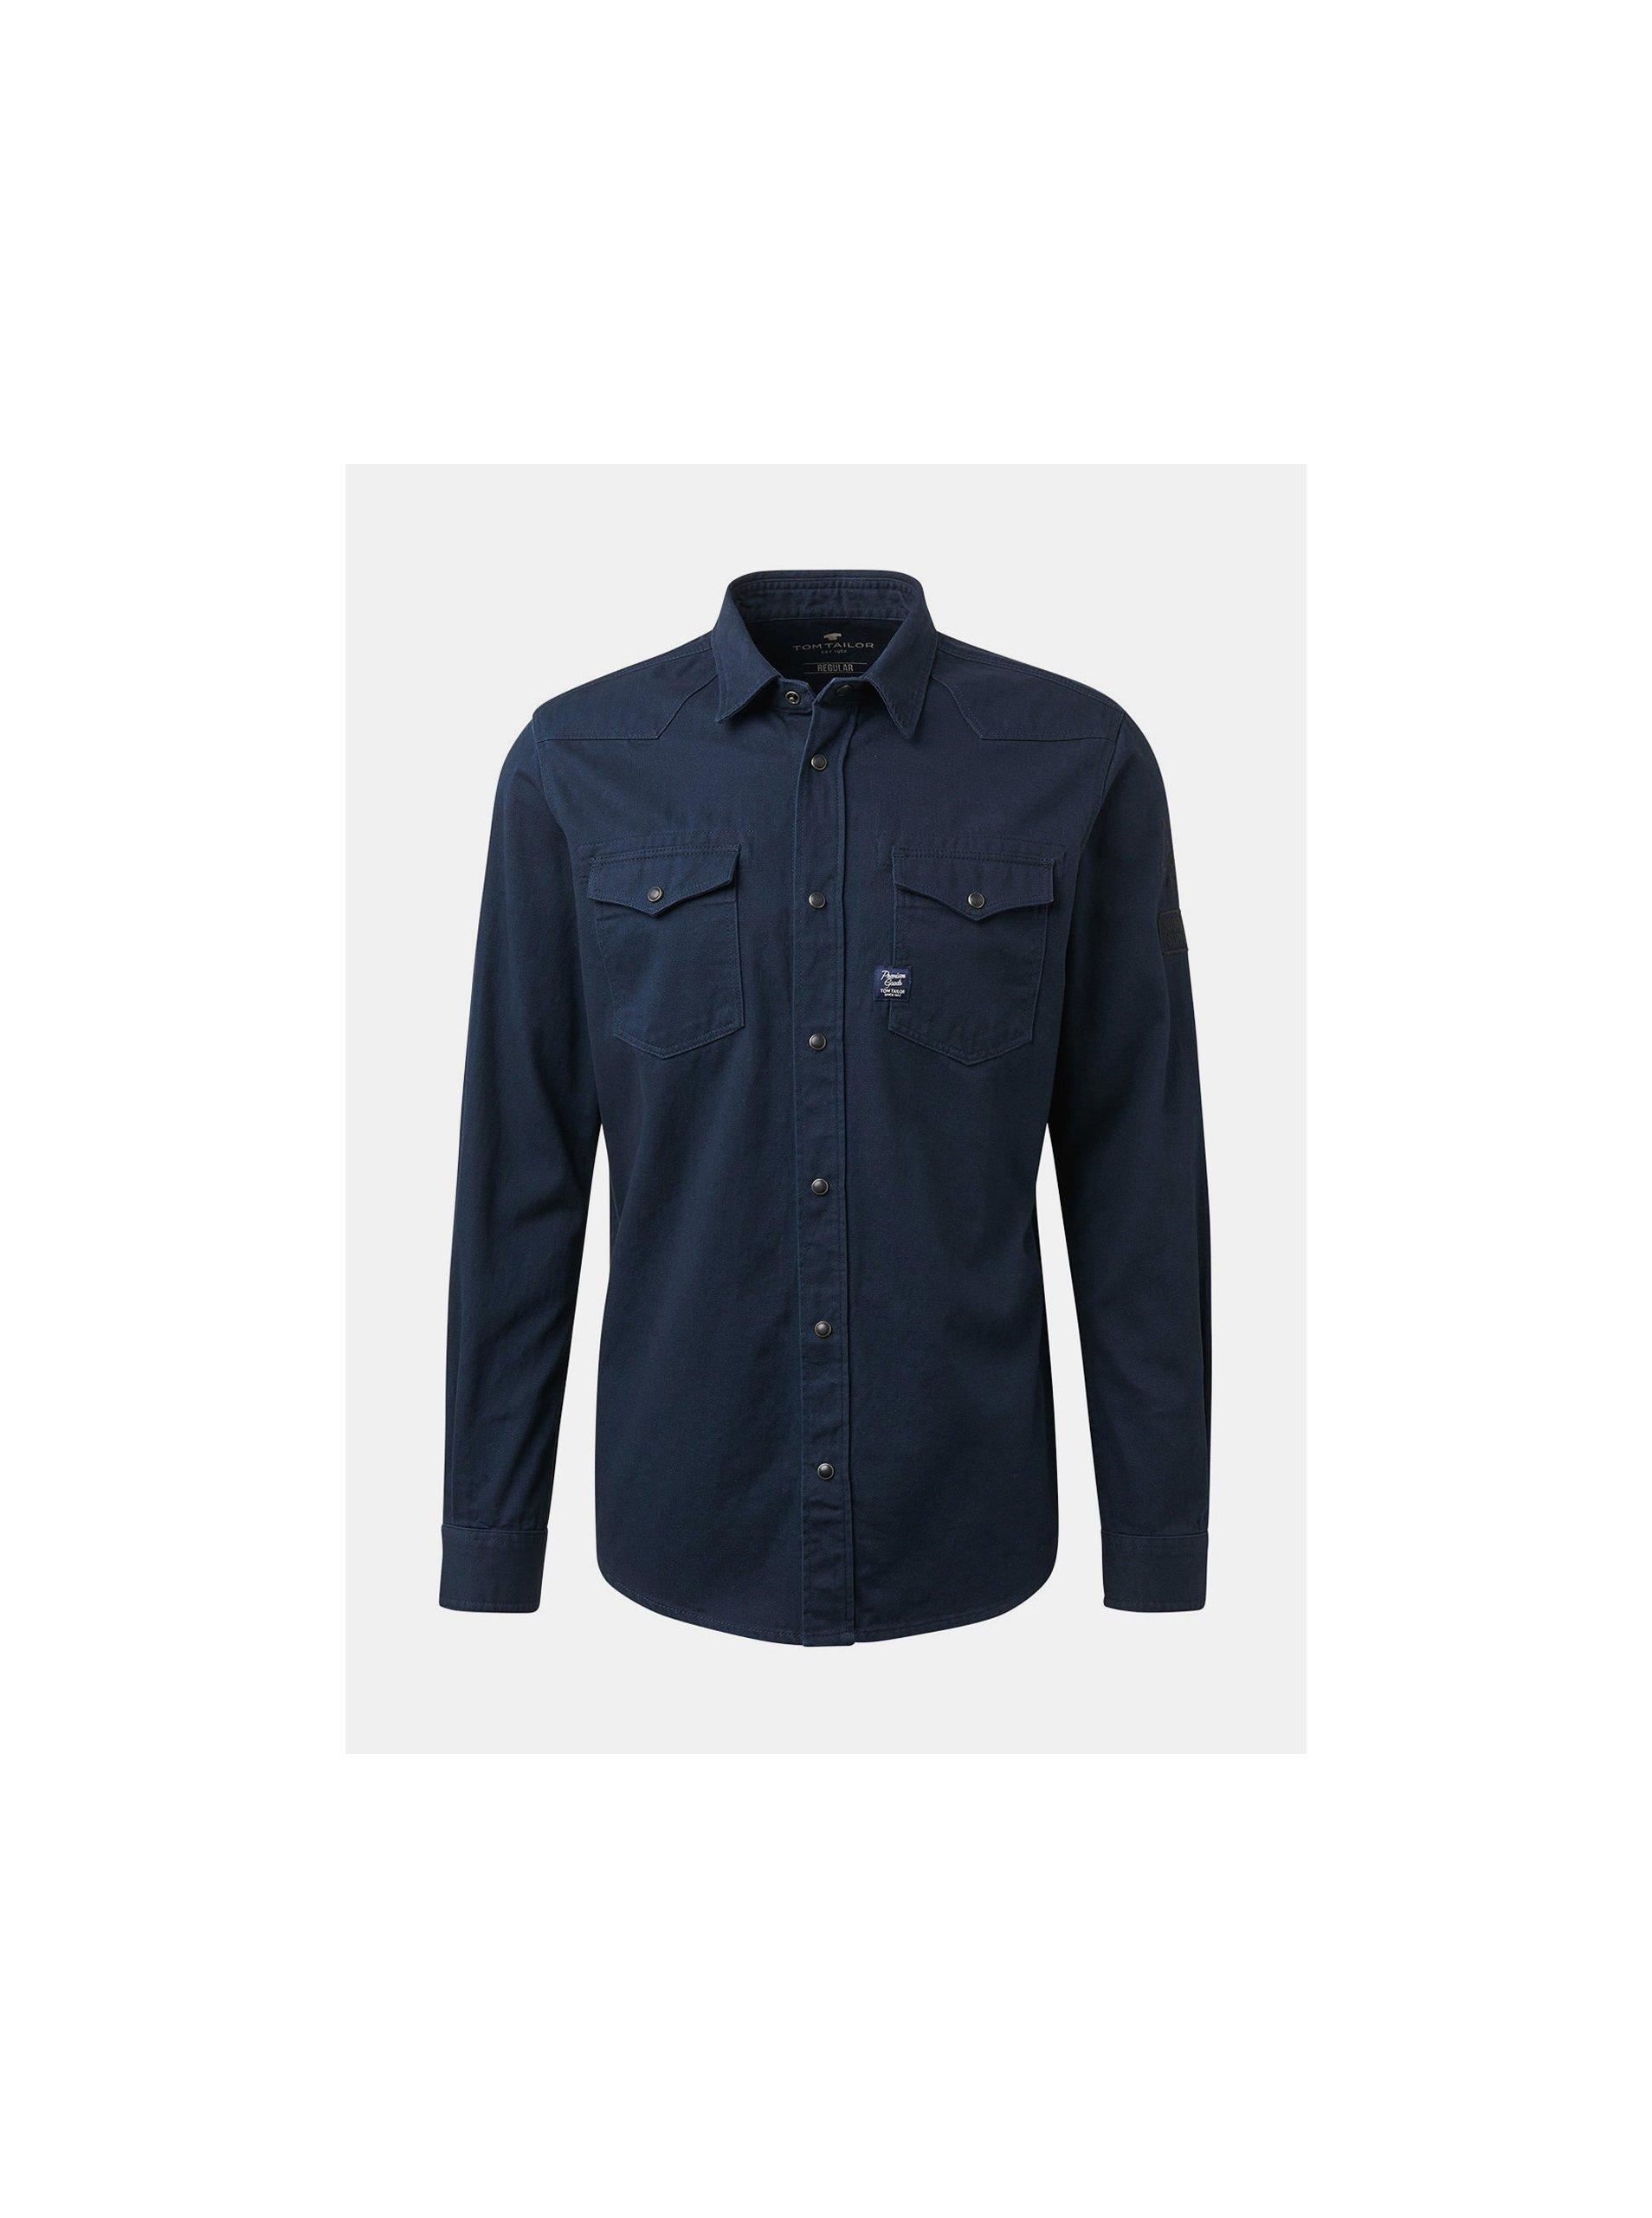 7eb7b9fe4717 Tmavě modrá pánská džínová regular fit košile Tom Tailor